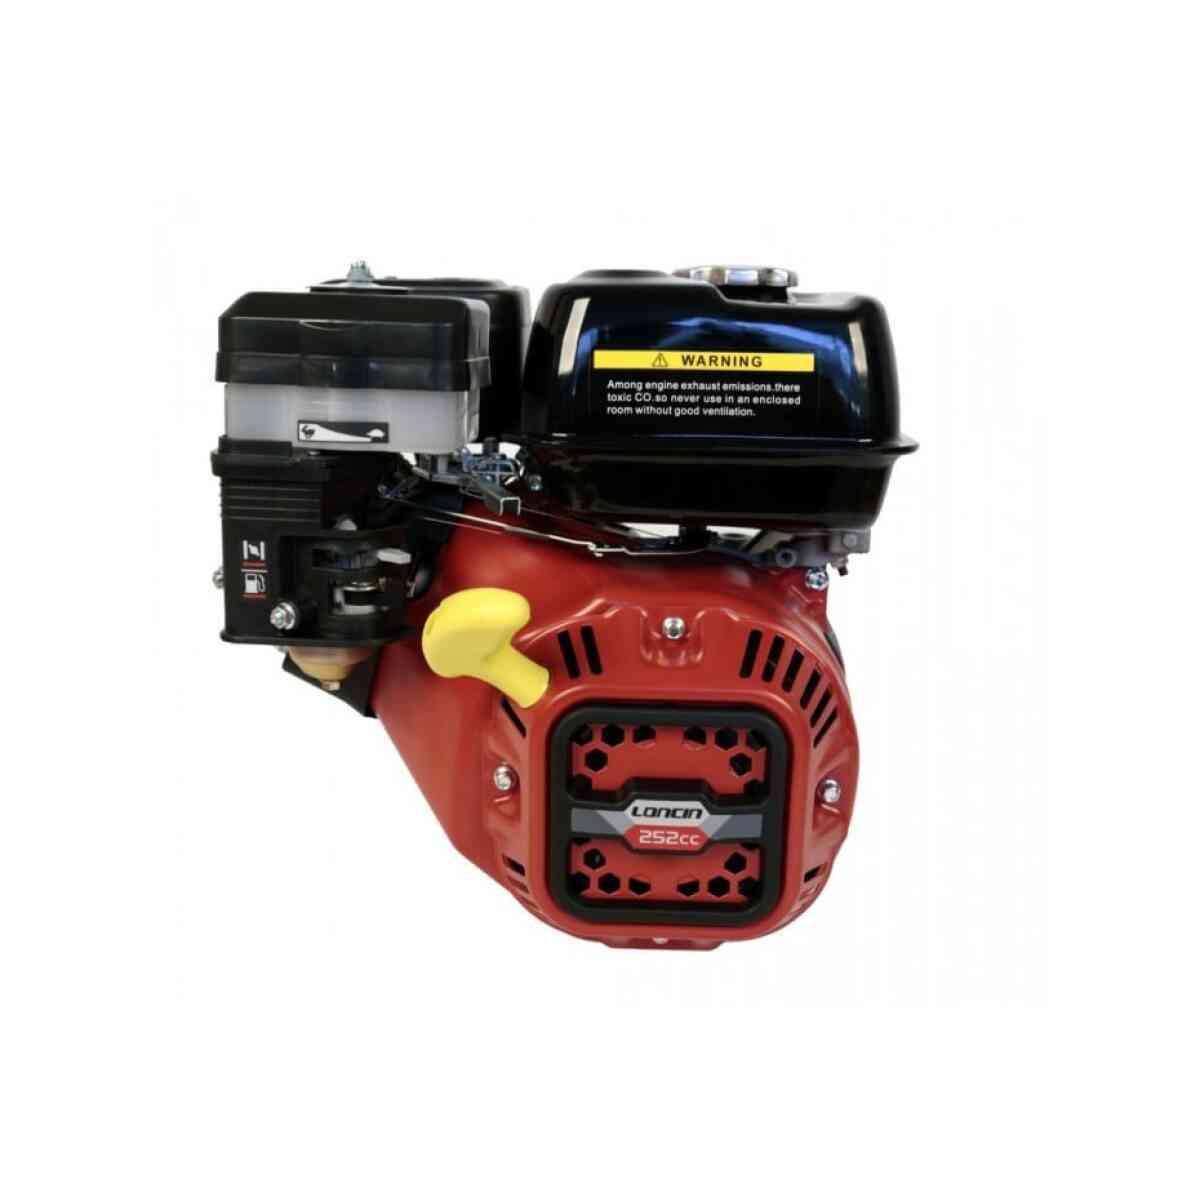 motor loncin 8cp new lc1200 padure gardina.ro 1